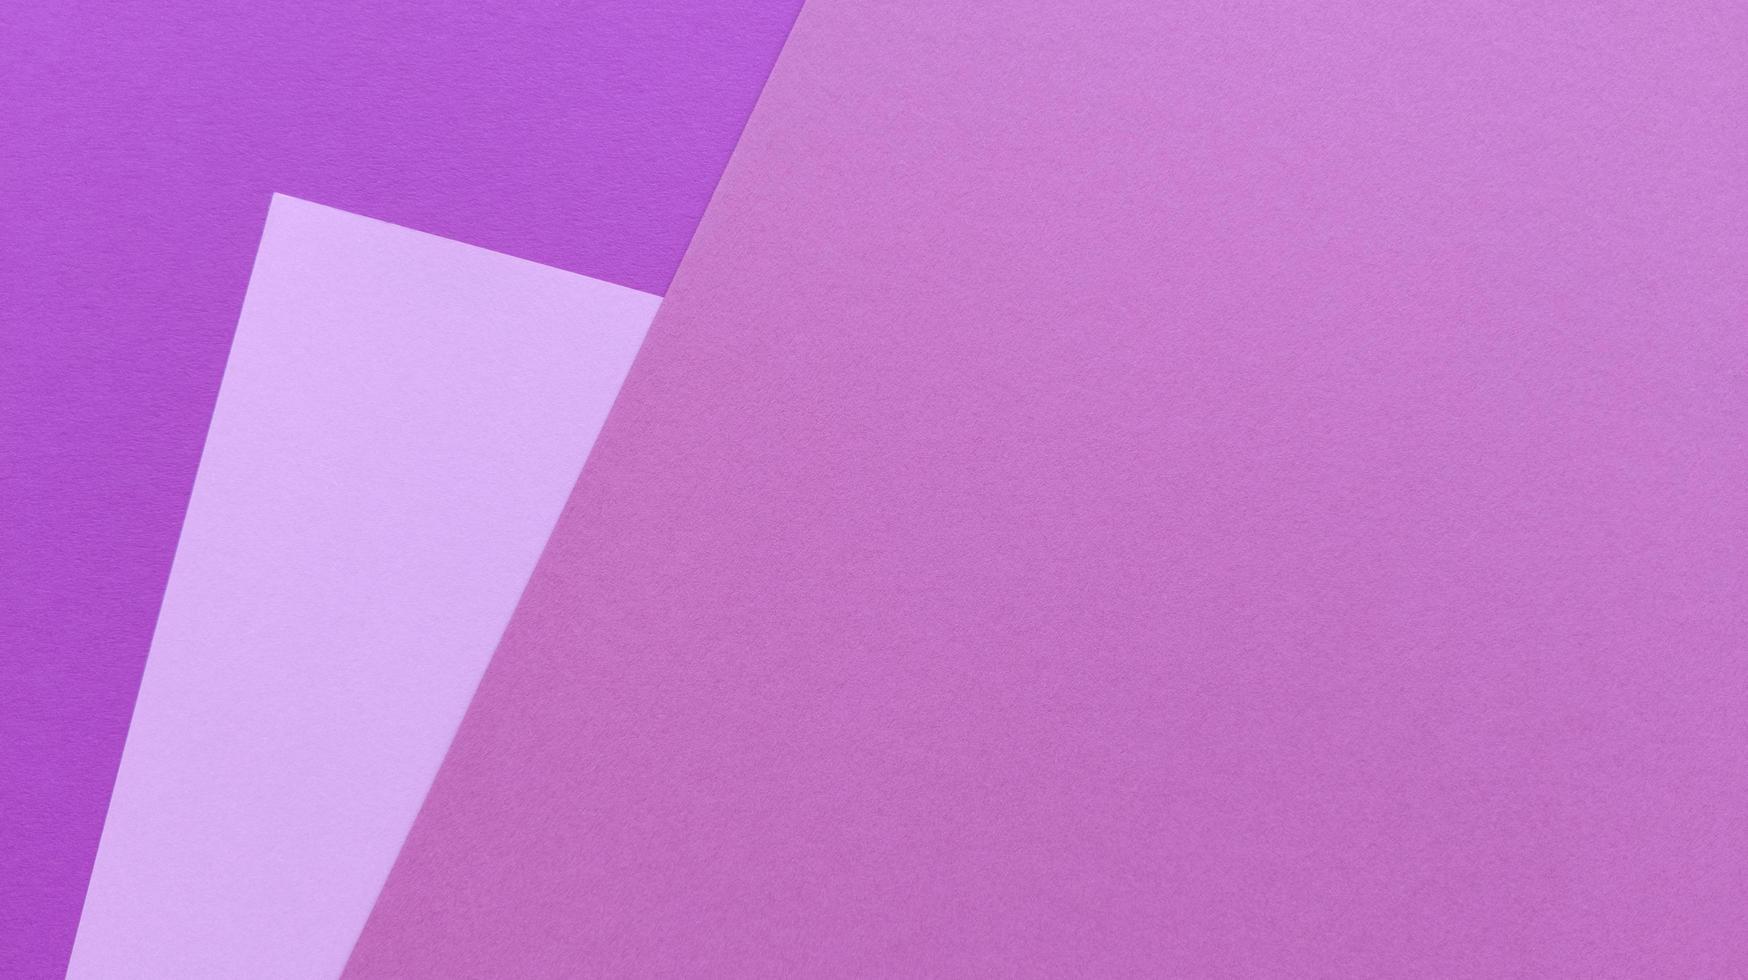 färgglada rosa pastell textur bakgrund foto